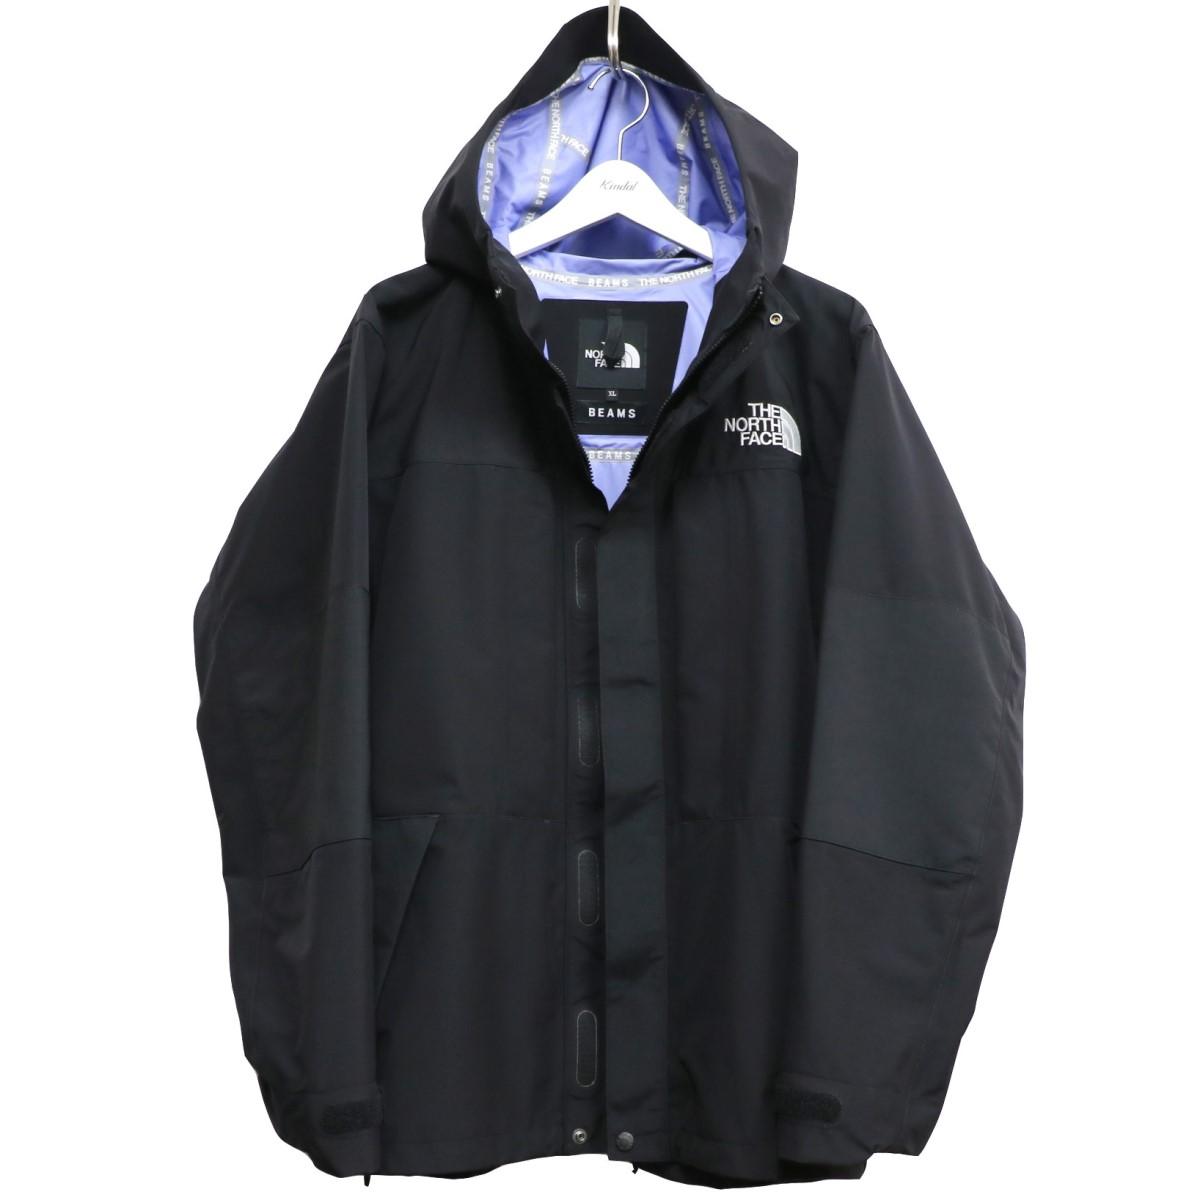 【中古】BEAMS×THE NORTH FACE 17AW Expedition Light Parkaライトジャケットマウンテンパーカー ブラック サイズ:XL 【020920】(ビームス×ザノースフェイス)